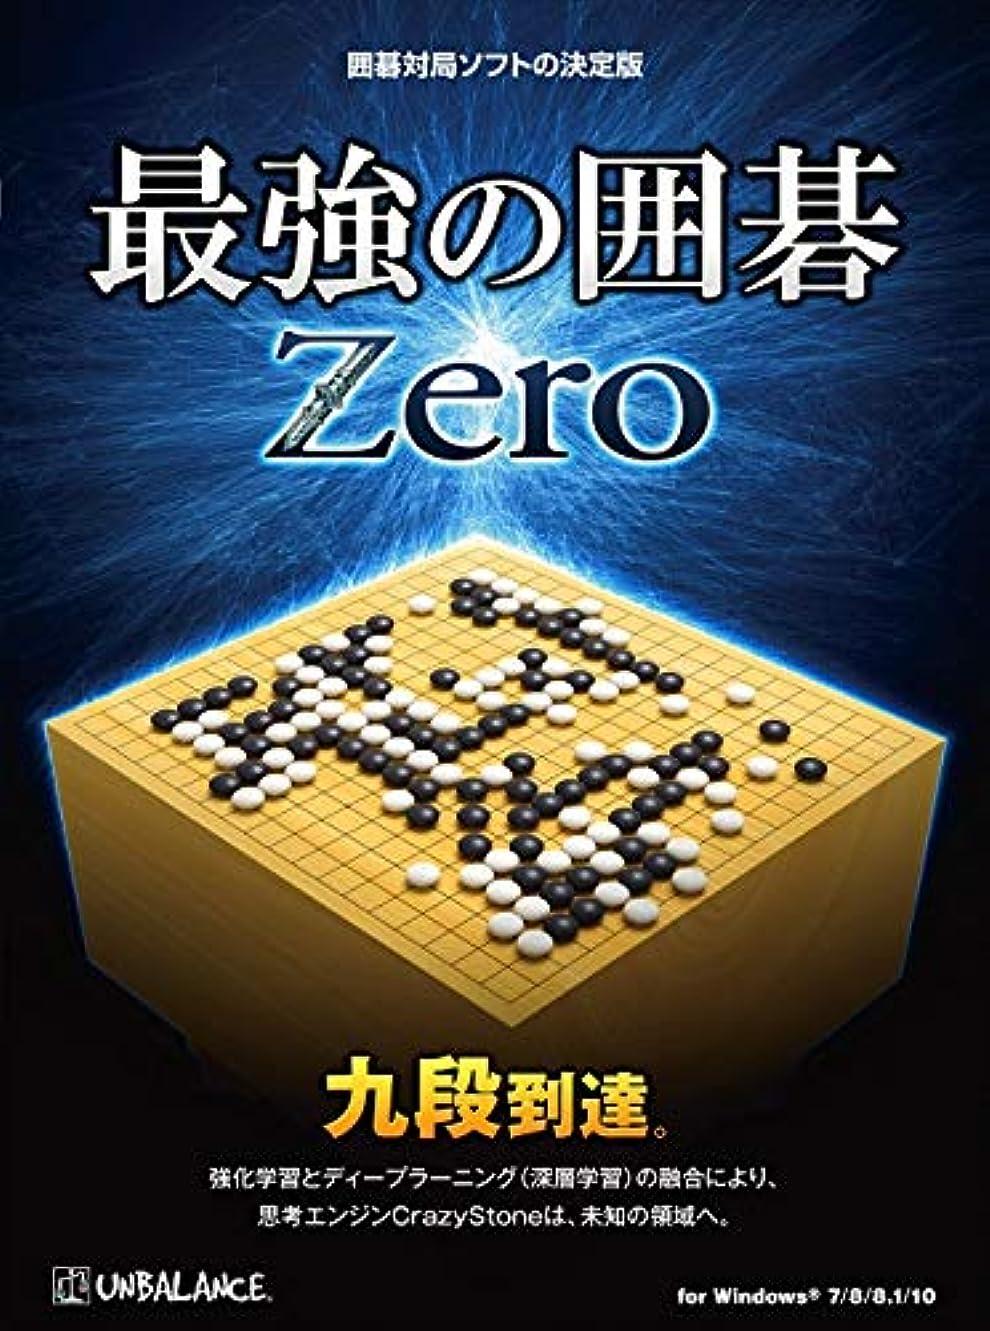 後方サバント憤る最強の囲碁 Zero